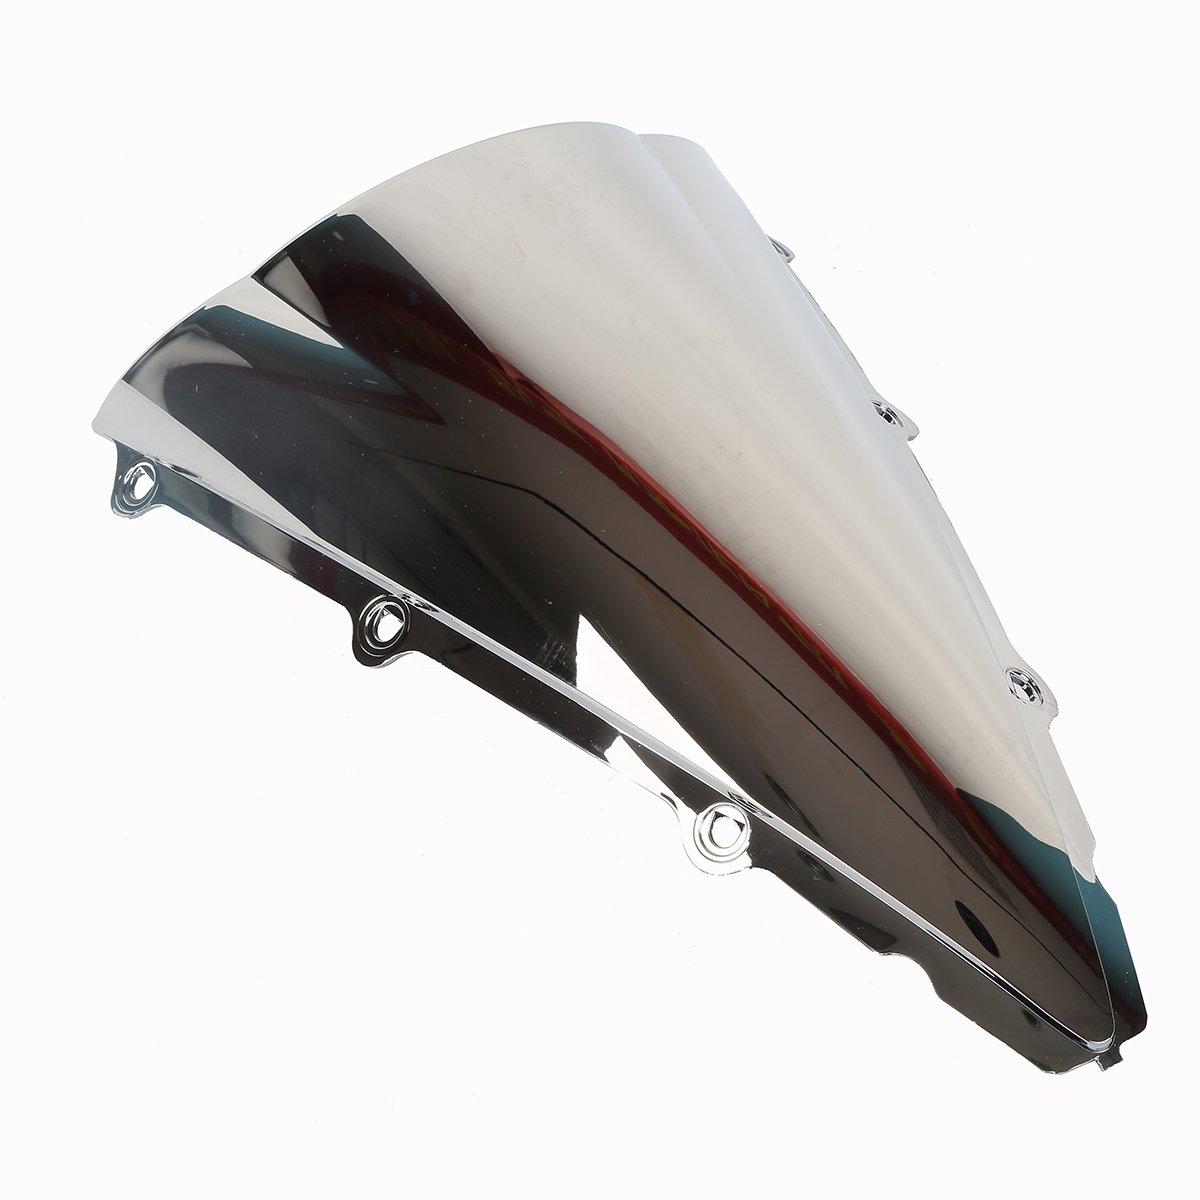 Pulire Tengchang motocicletta Doppia protezione dello schermo del parabrezza bolla parabrezza per Yamaha YZF R1 2002 2003